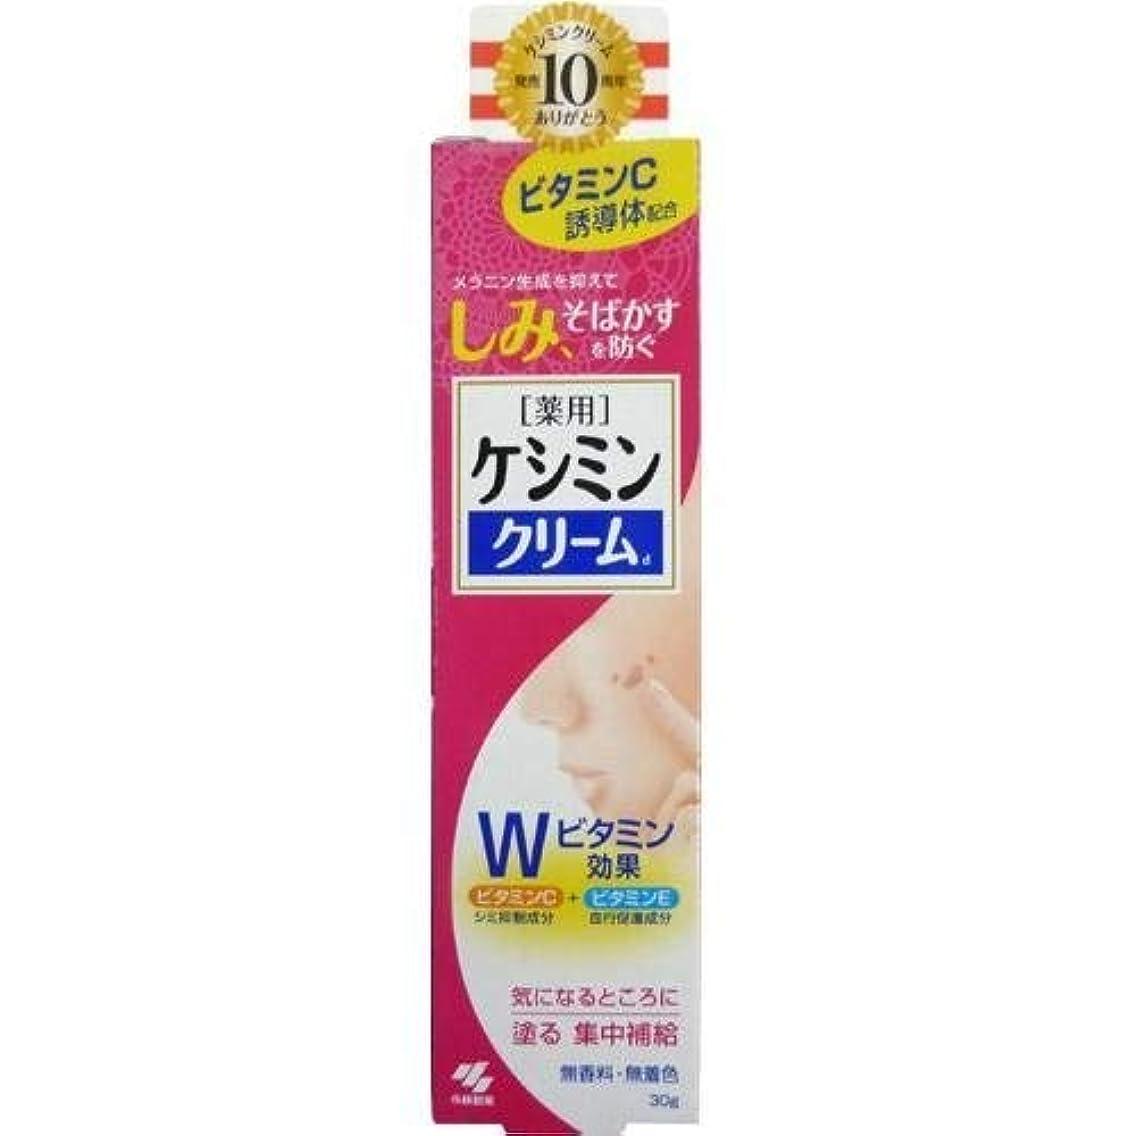 【3個セット】ケシミンクリームf シミ対策成分 浸透ビタミンC配合 30g×3個 【医薬部外品】